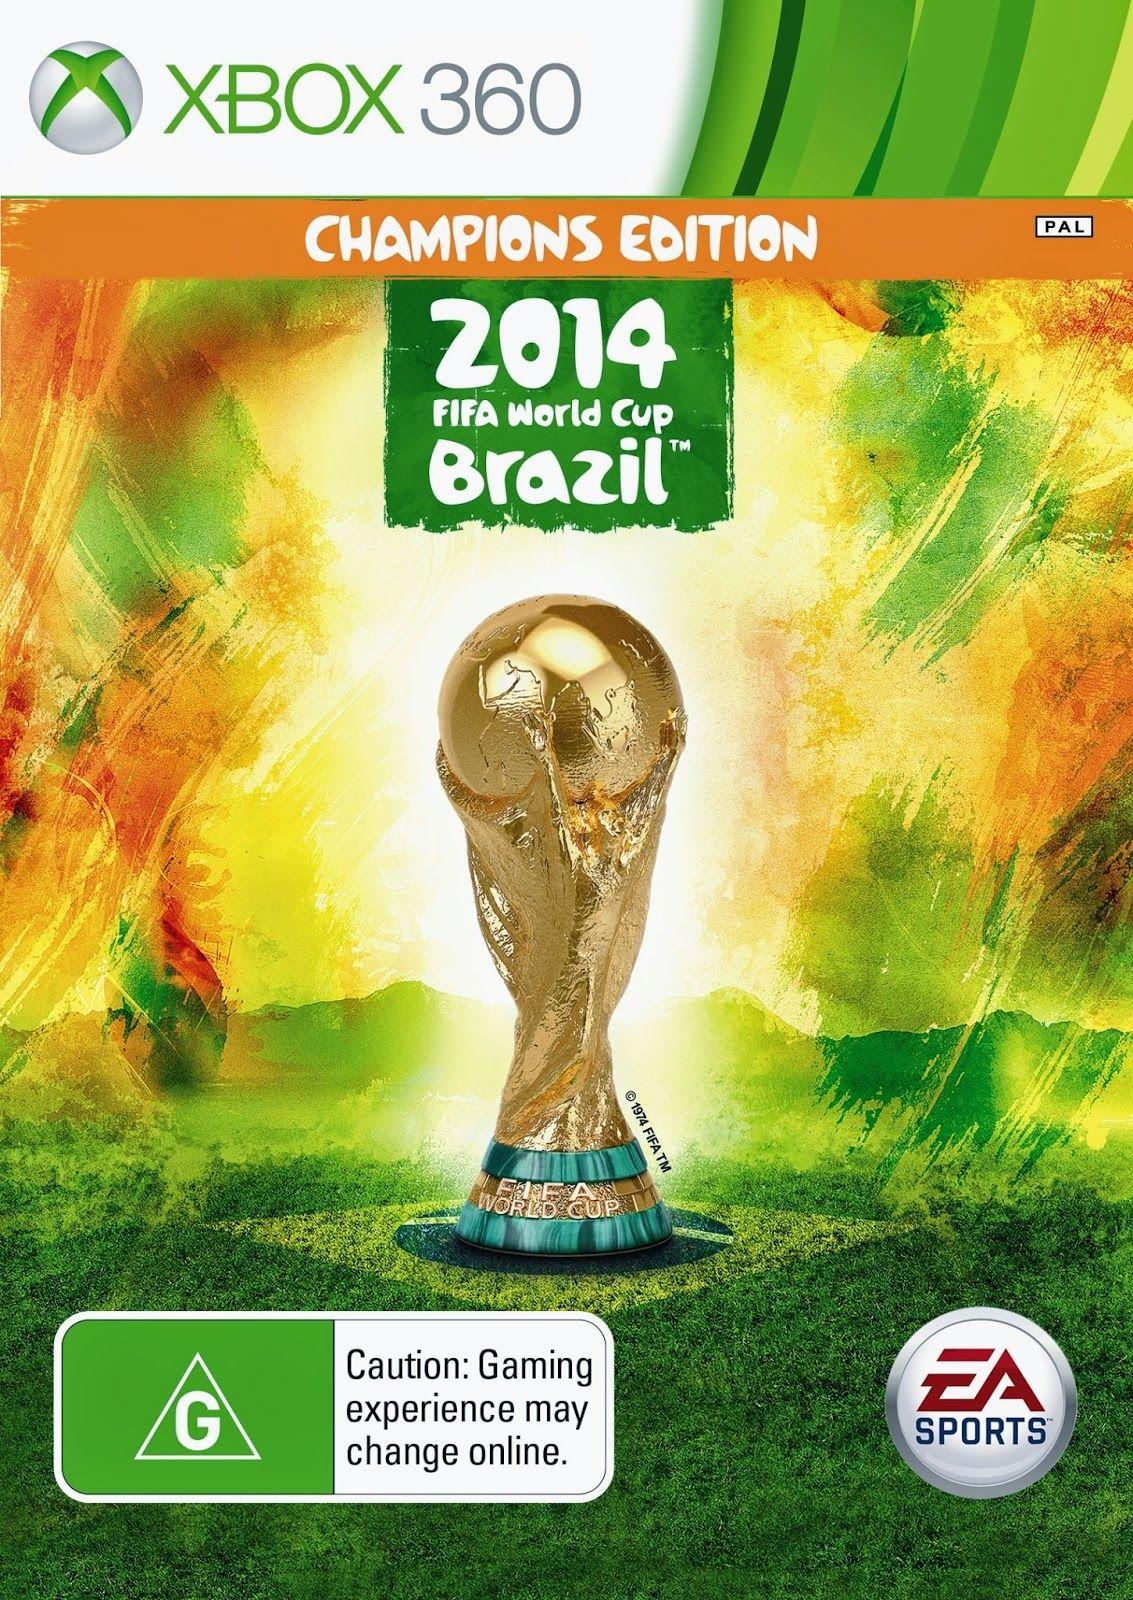 Xbox 360 Video Juegos A La Venta Para Distribuidores Tiendas Y Mayoristas Estamos Aqui Para Servir A Todas Sus Nece Fifa 2014 World Cup Ea Sports Fifa Fifa